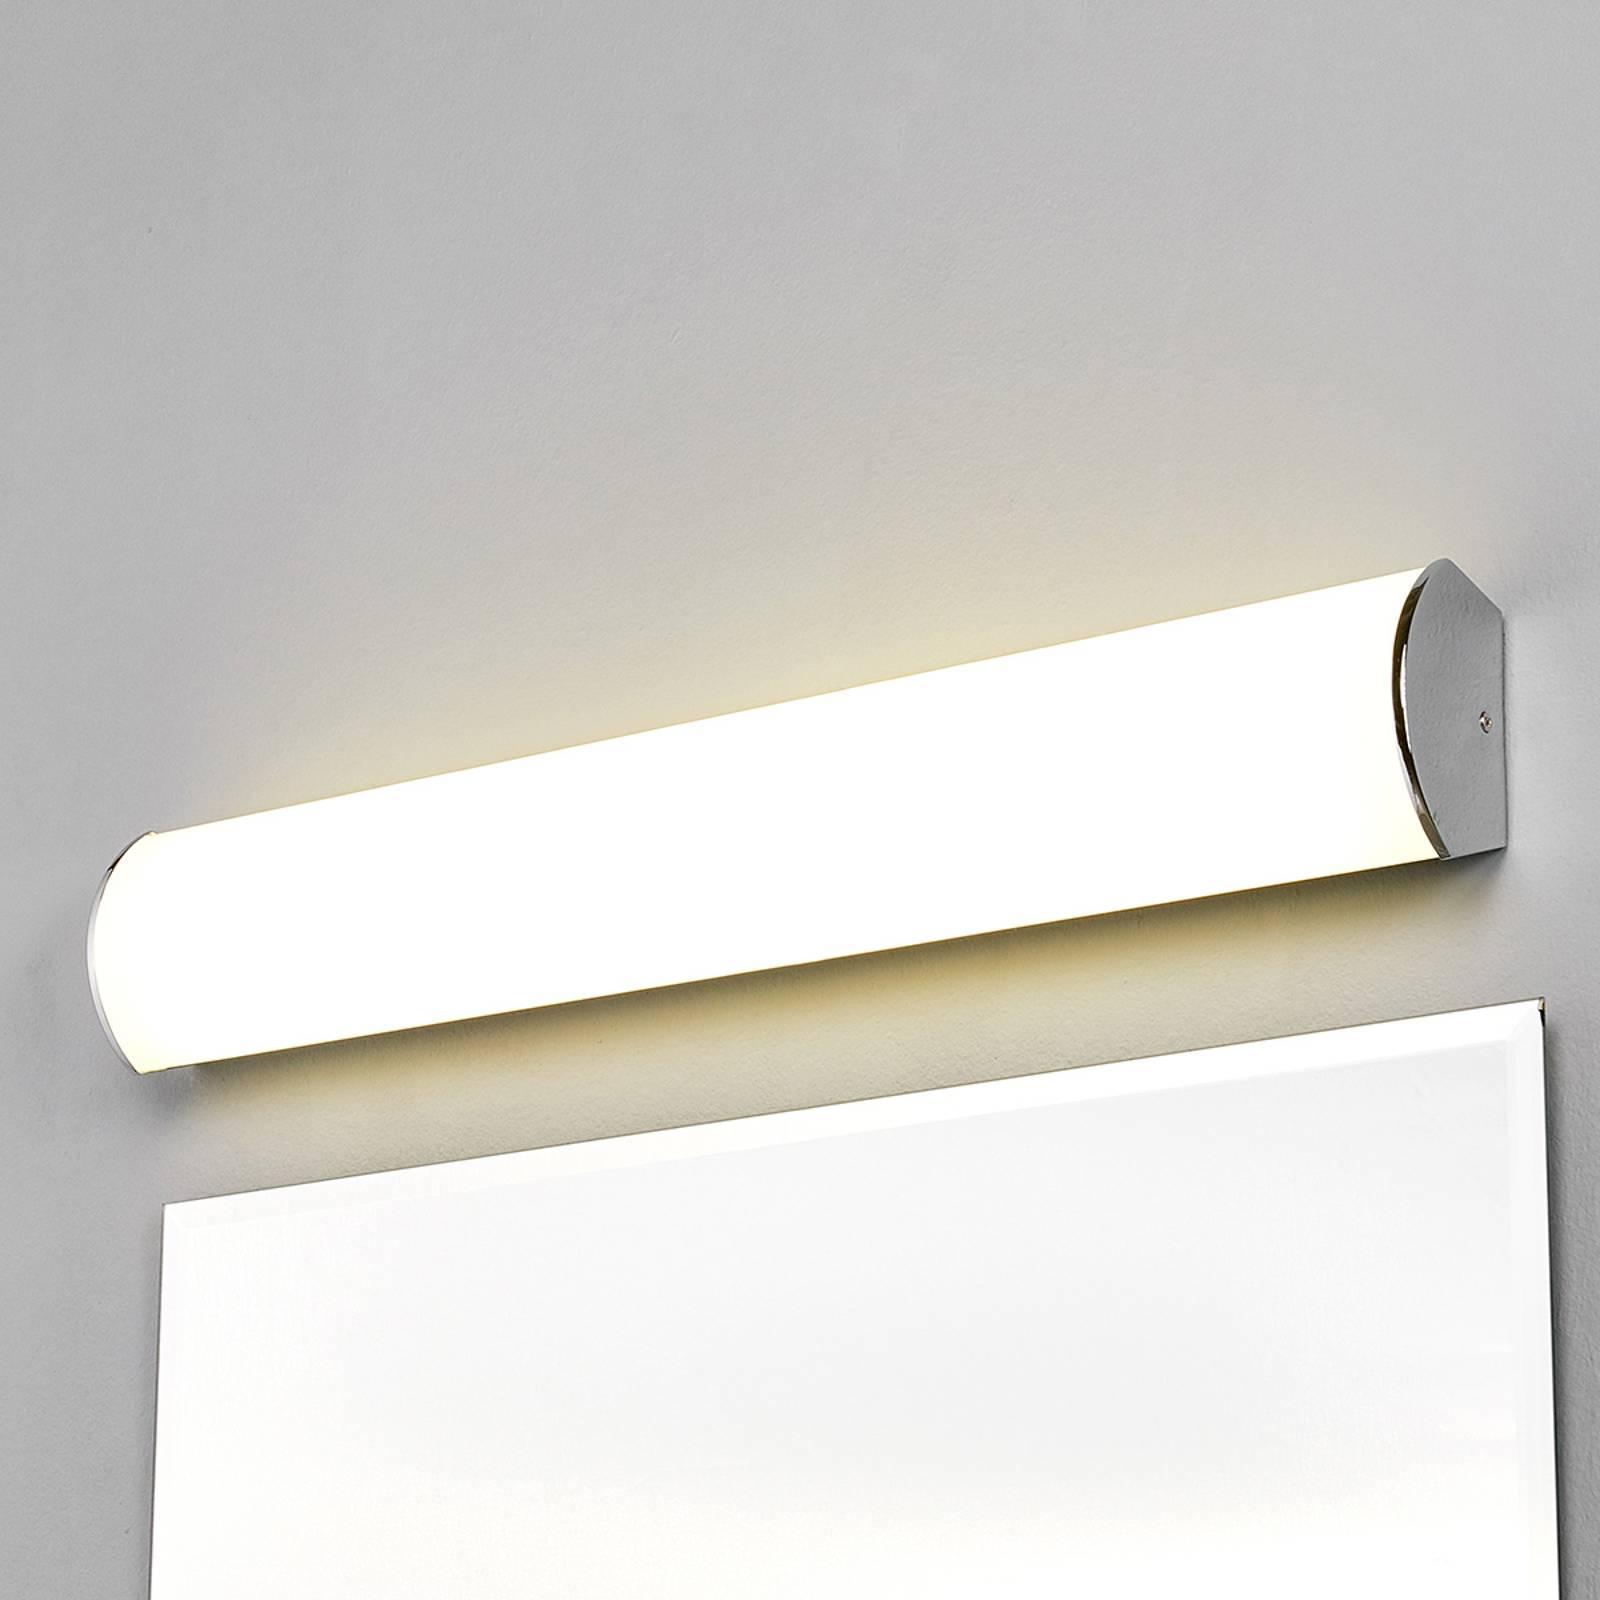 LED-seinävalaisin Elanur kylpyhuoneeseen